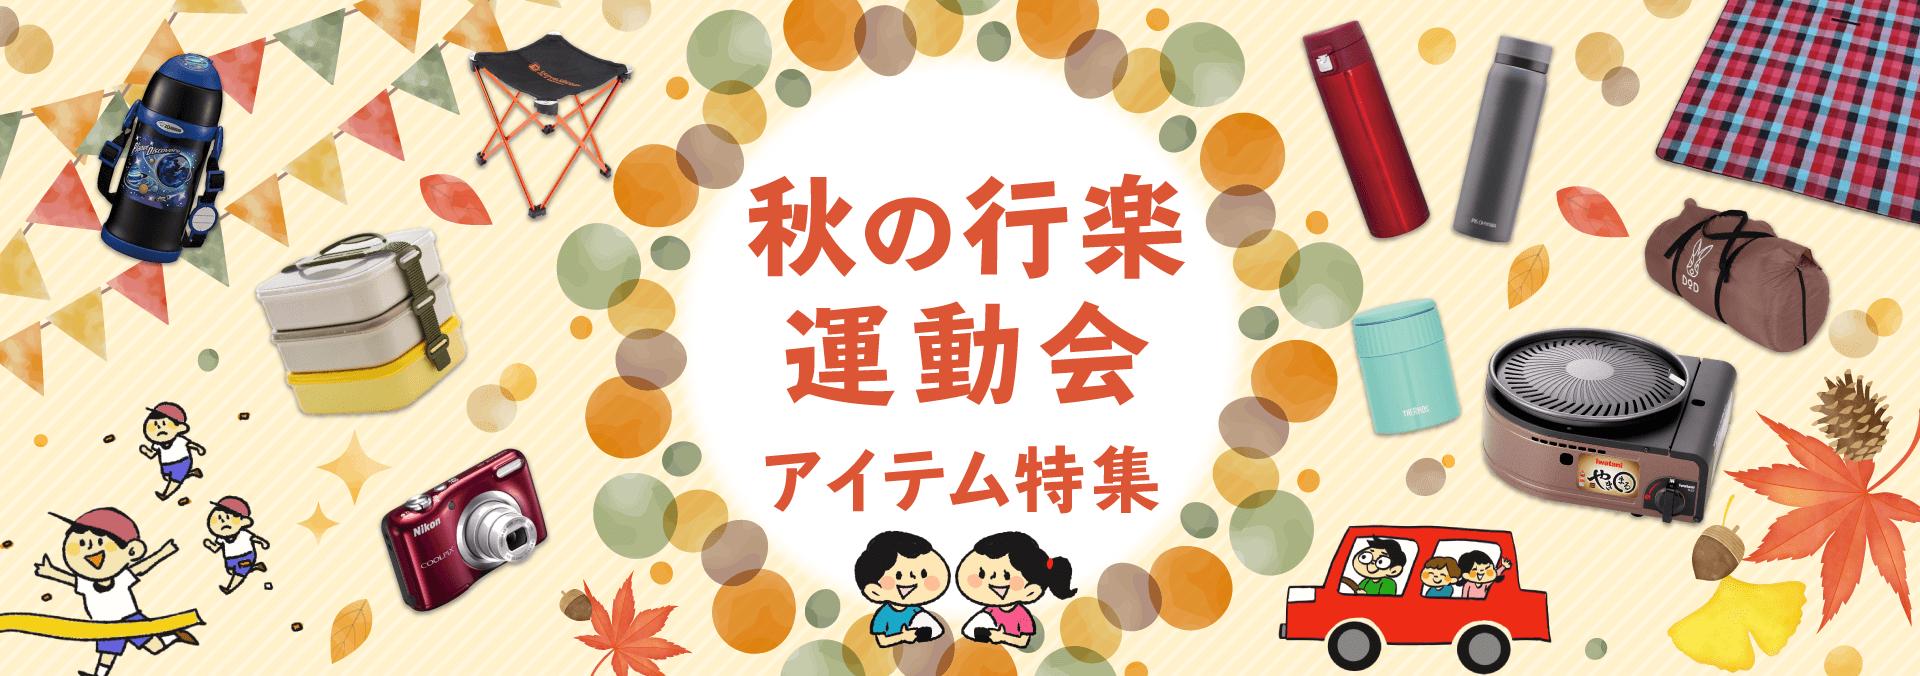 秋の行楽・運動会の特集